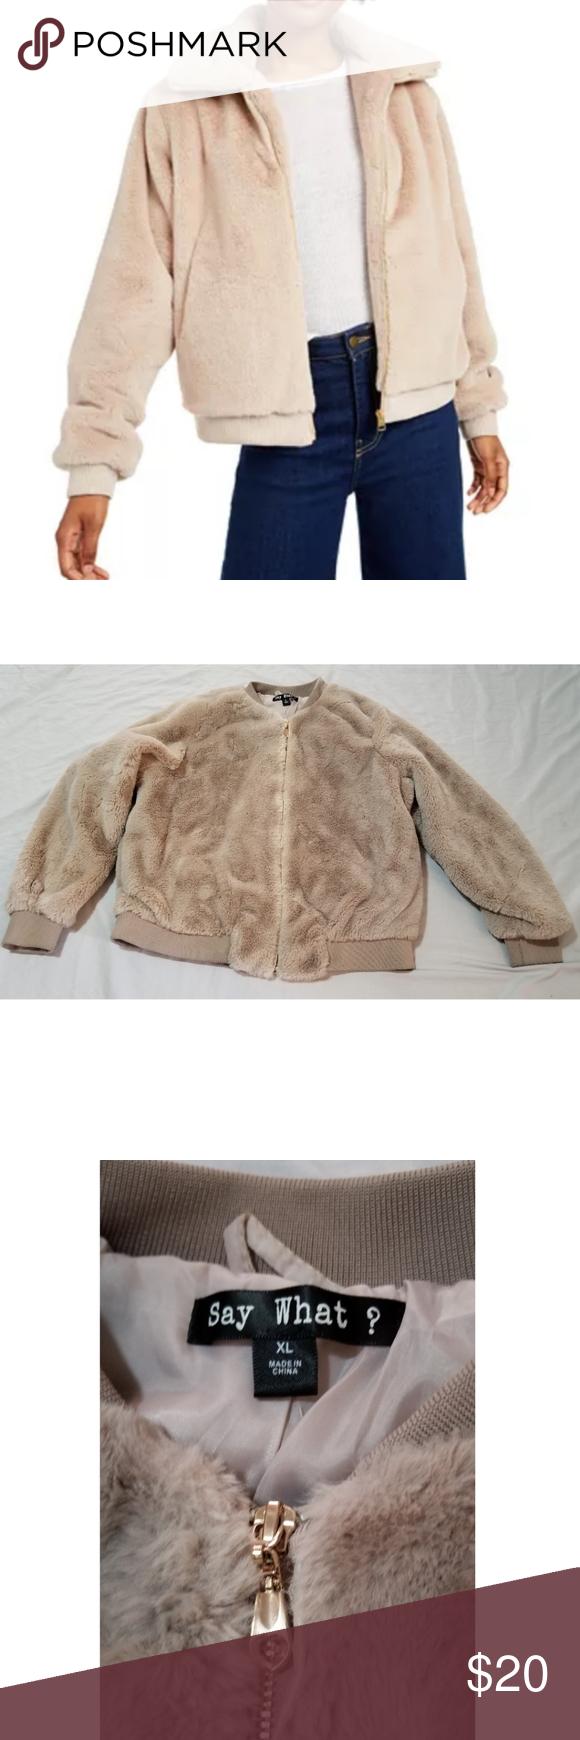 Faux Fur Bomber Jacket Soft Fuzzy Beige Euc In 2021 Faux Fur Bomber Jacket Red Faux Fur Jacket Coats Jackets Women [ 1740 x 580 Pixel ]